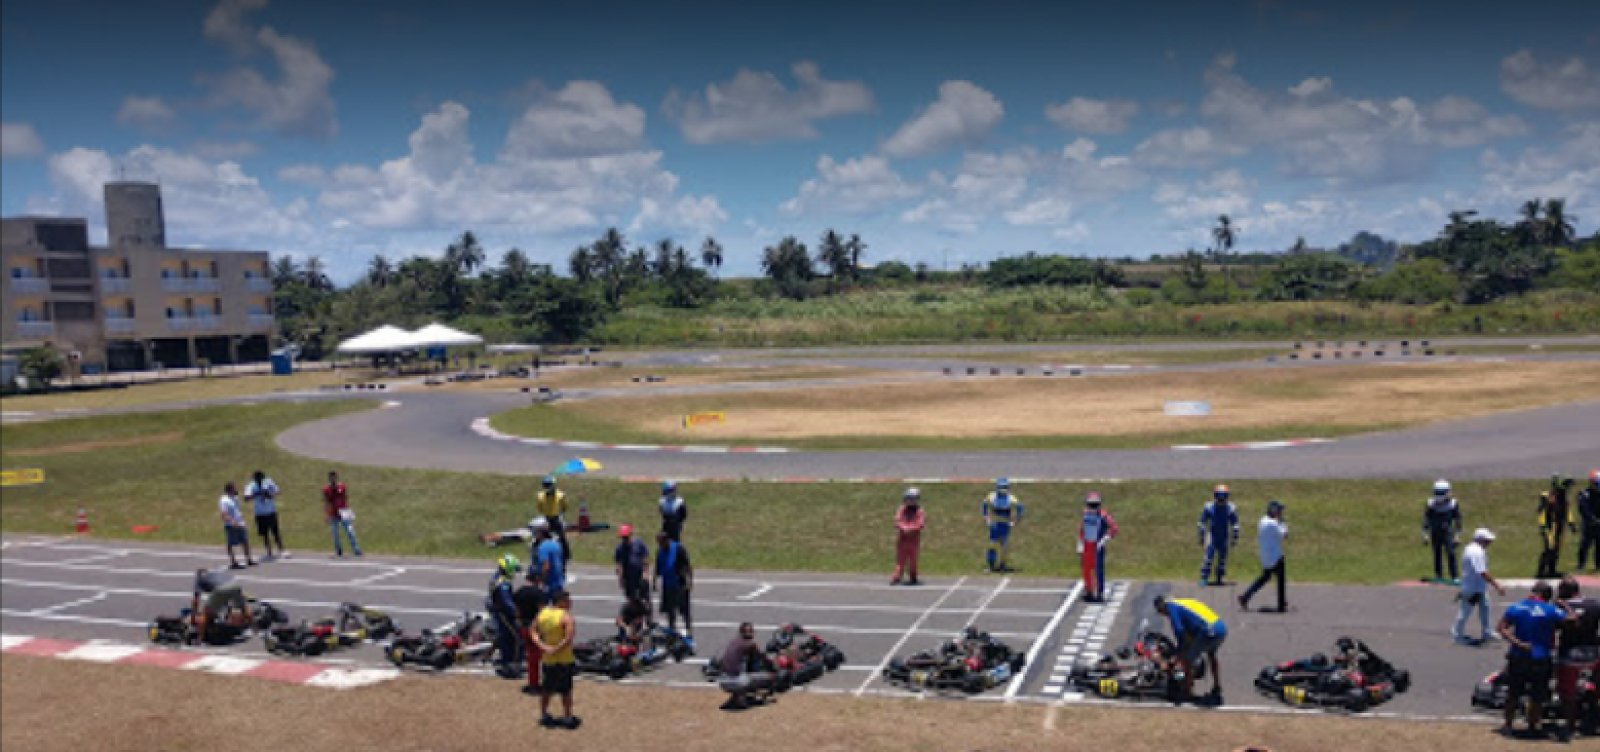 Após negociação, Associação de Kart vai ceder área para prefeitura de Lauro de Freitas